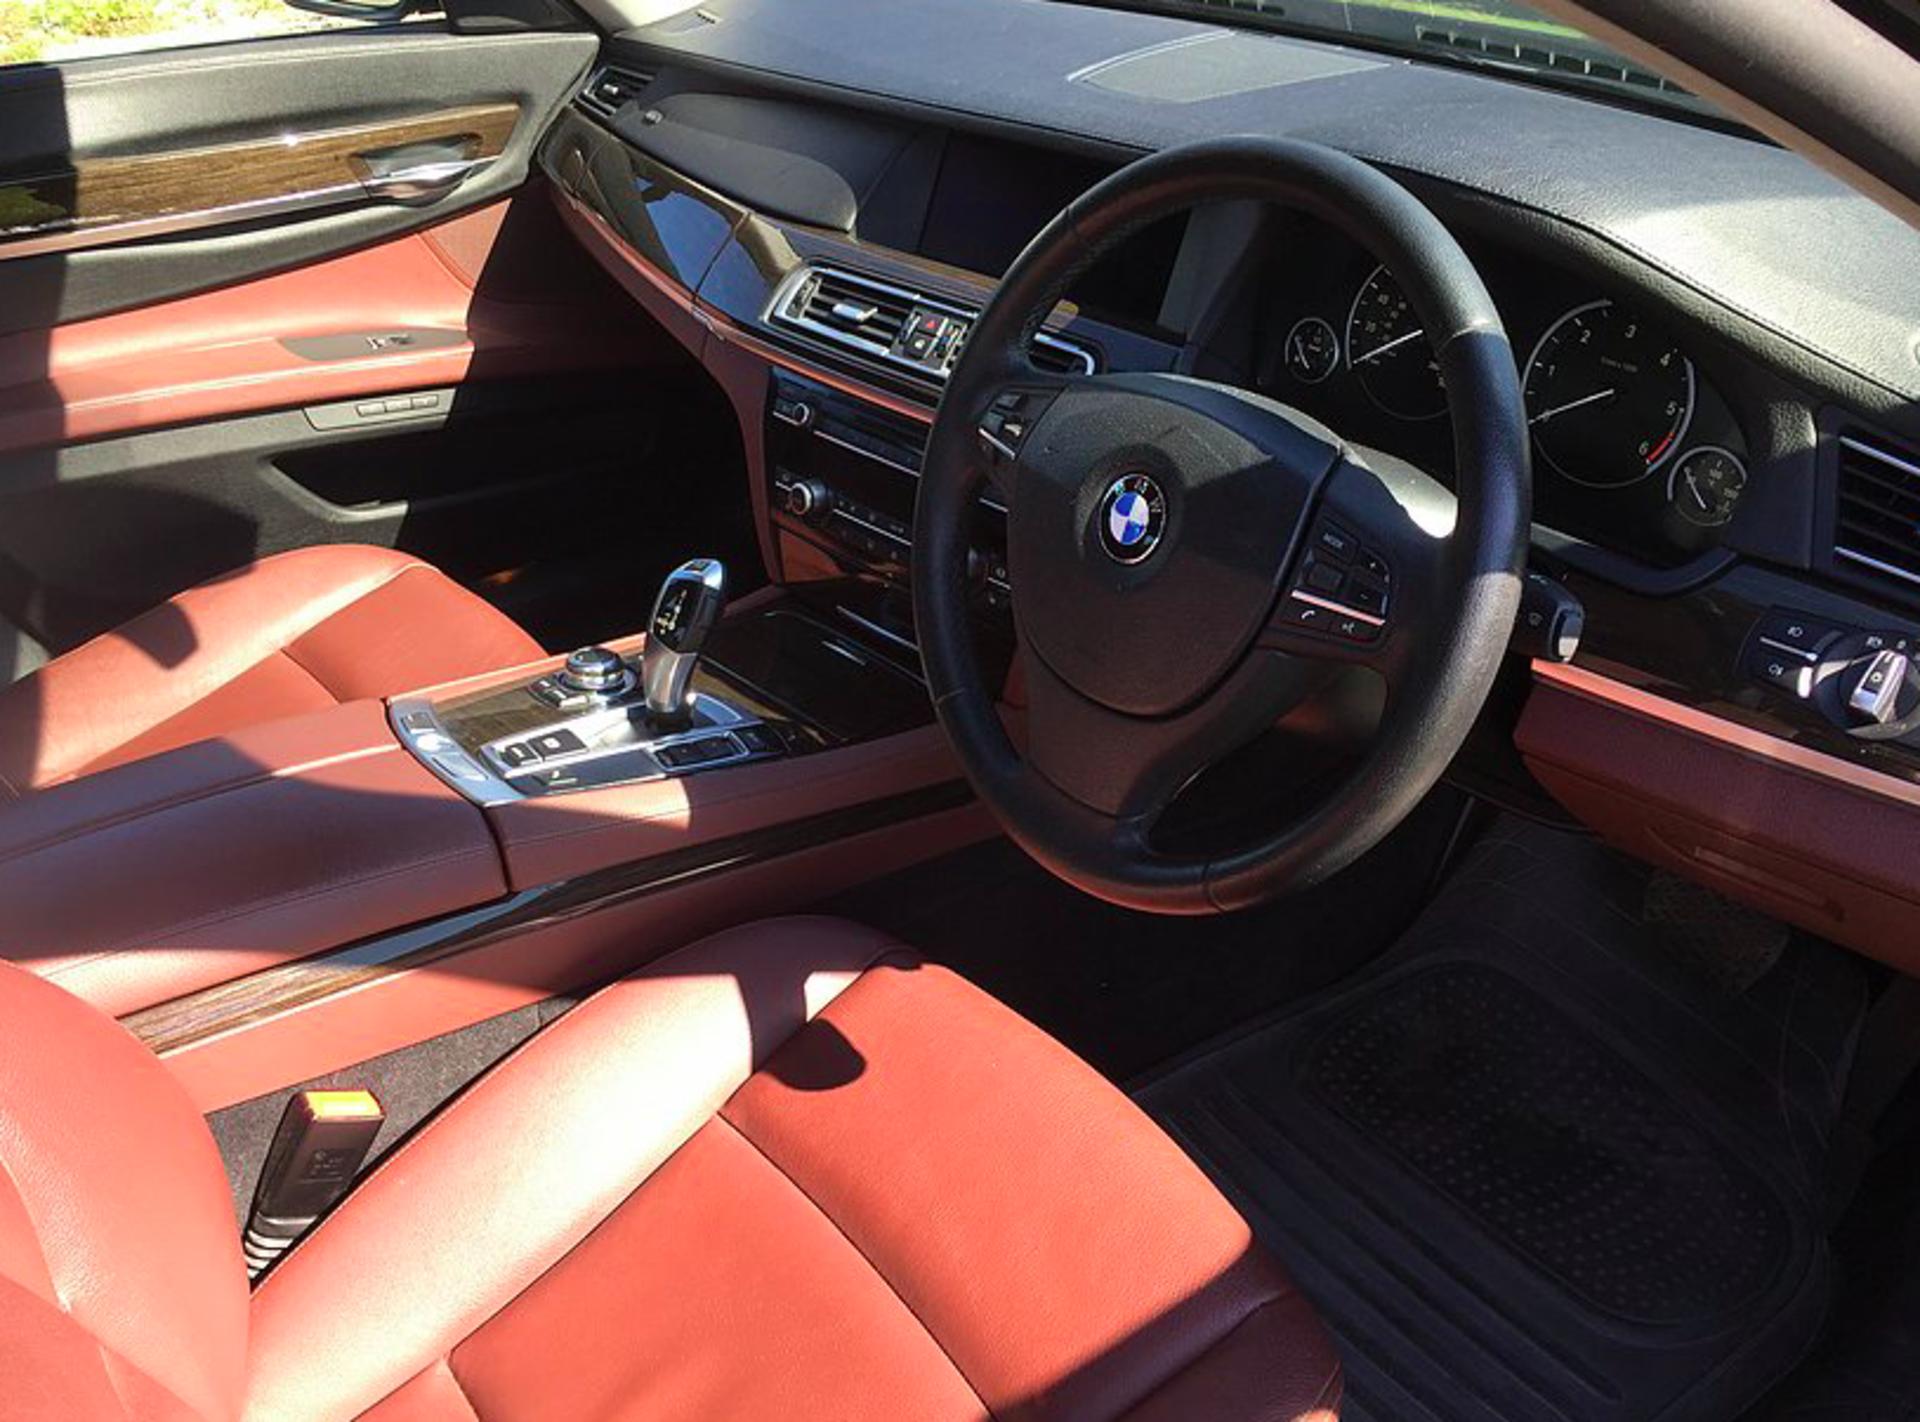 2011 BMW 730D SE 3.0 Auto - Image 2 of 2